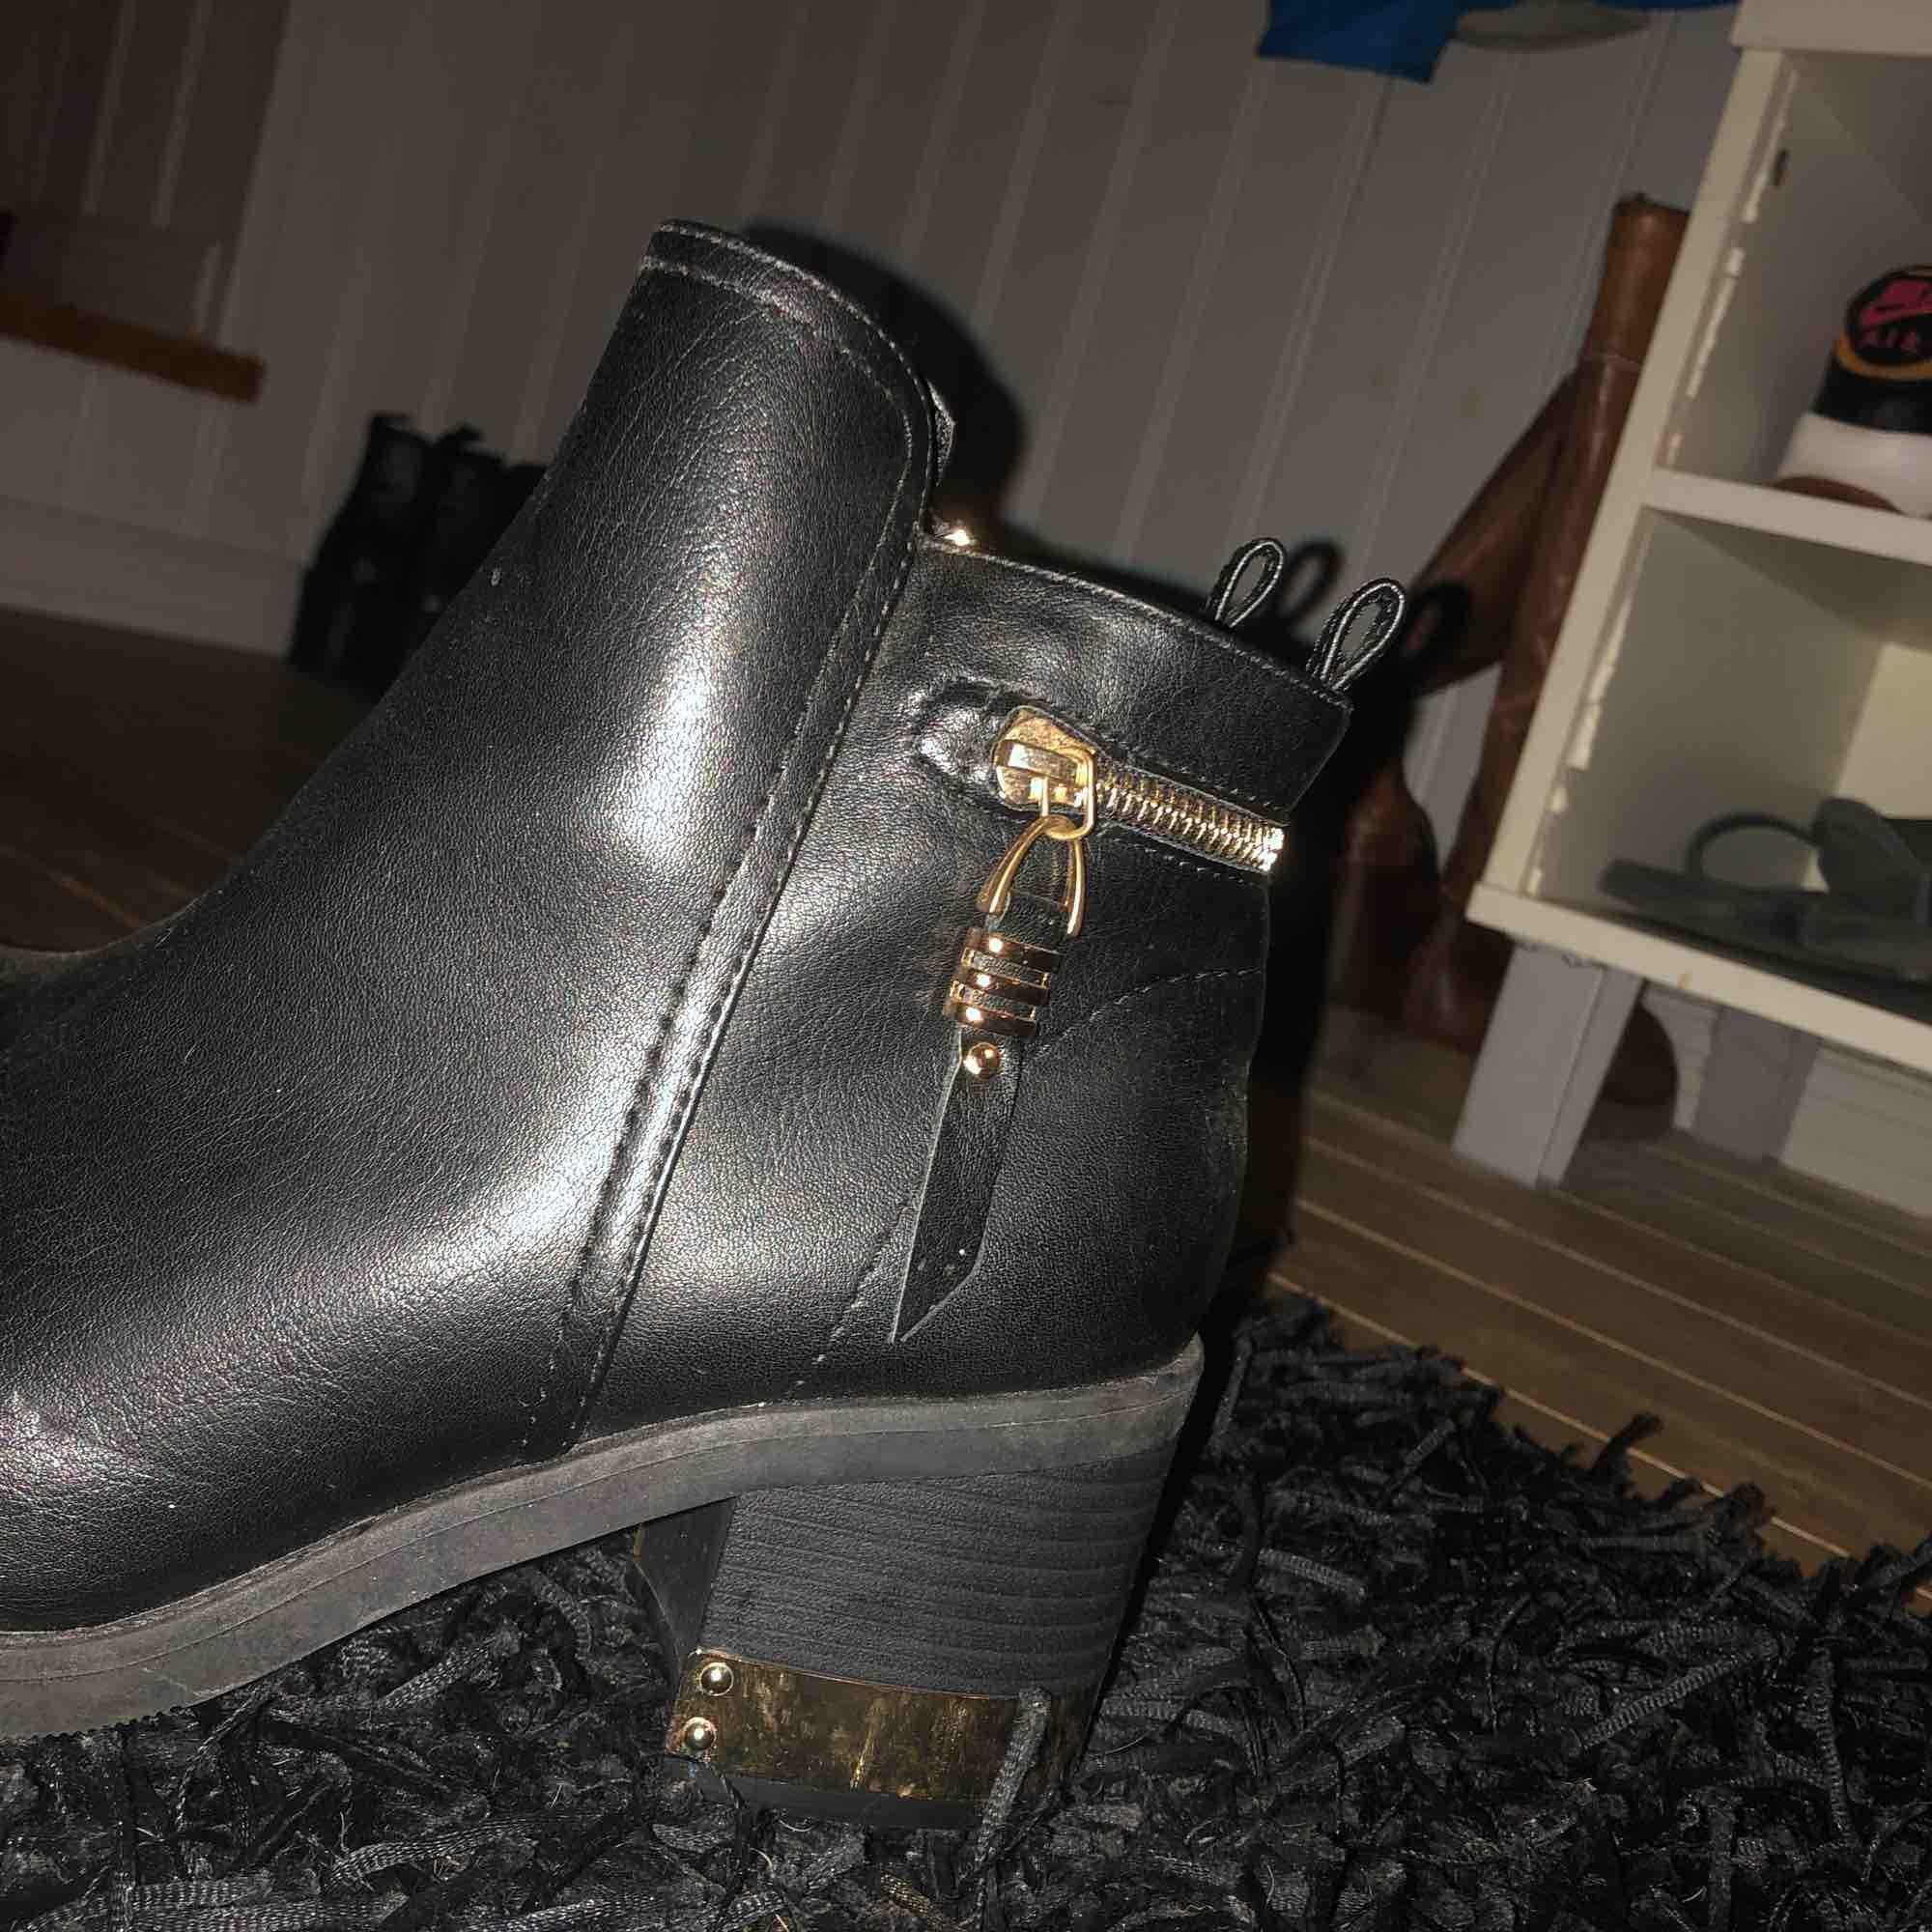 Snygga skor oanvända från Dinsko. Snygga gulddetaljer på klacken. Skor.